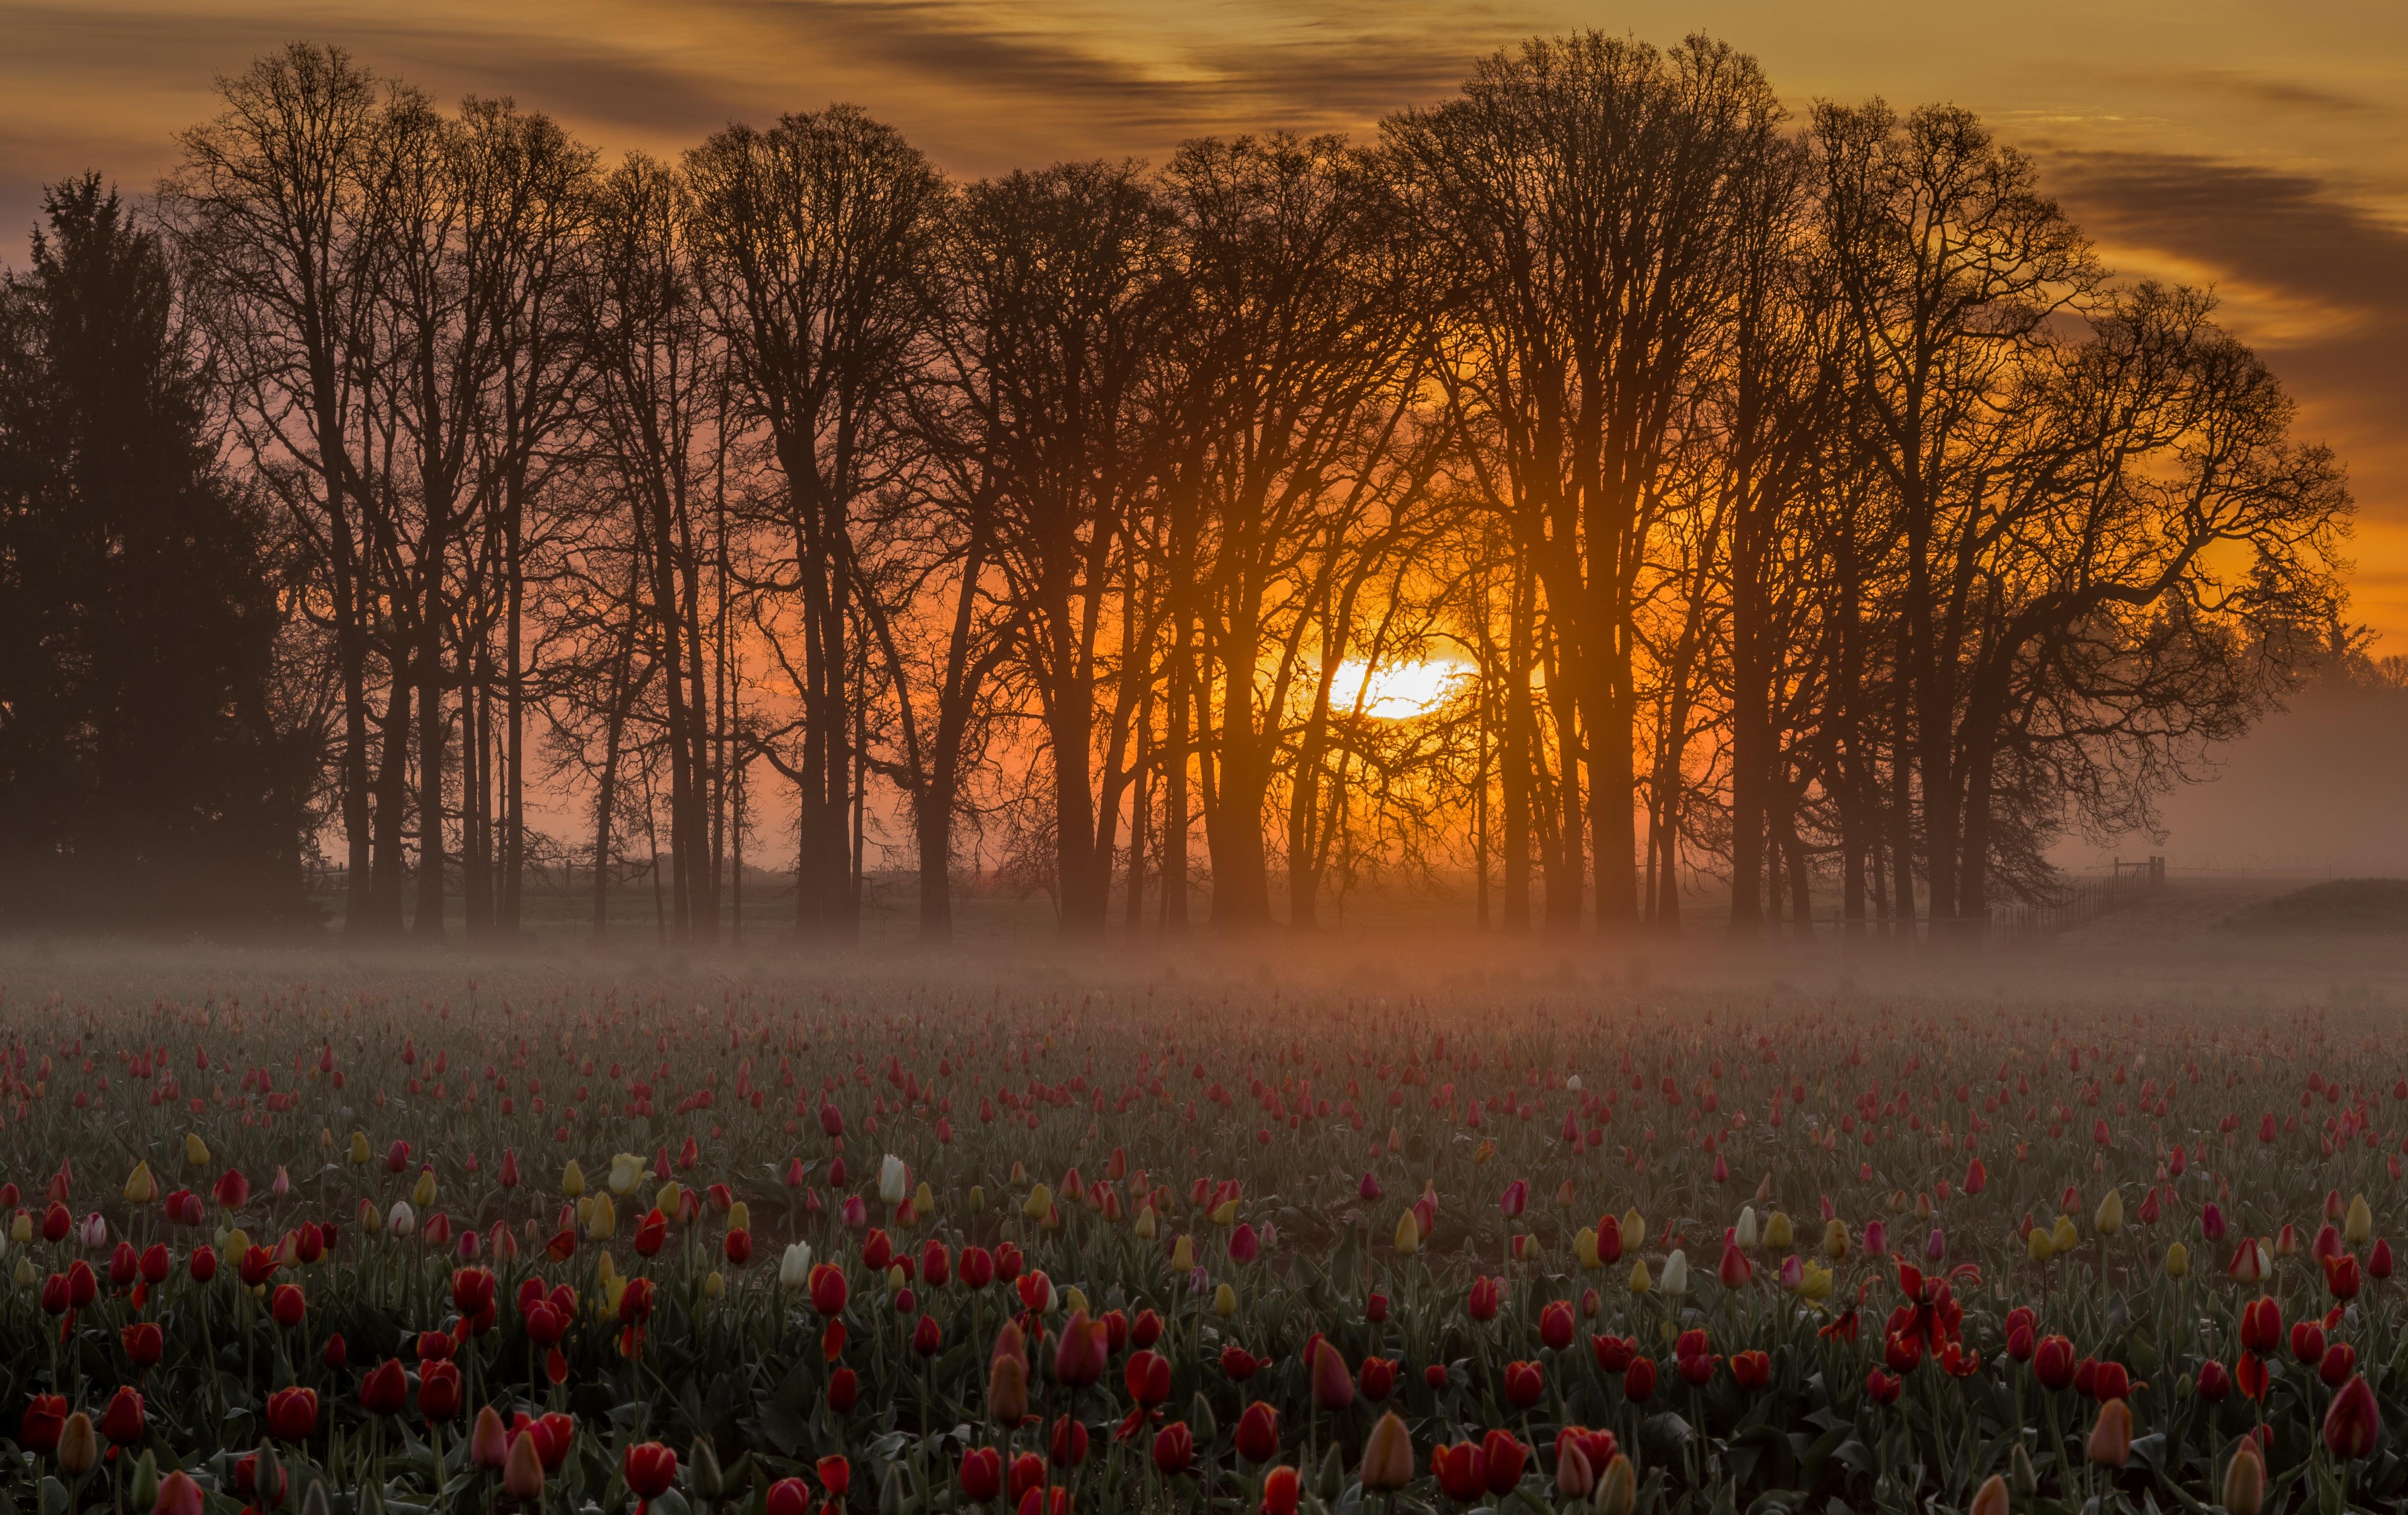 поле цветы рассвет field flowers dawn  № 3837055 загрузить